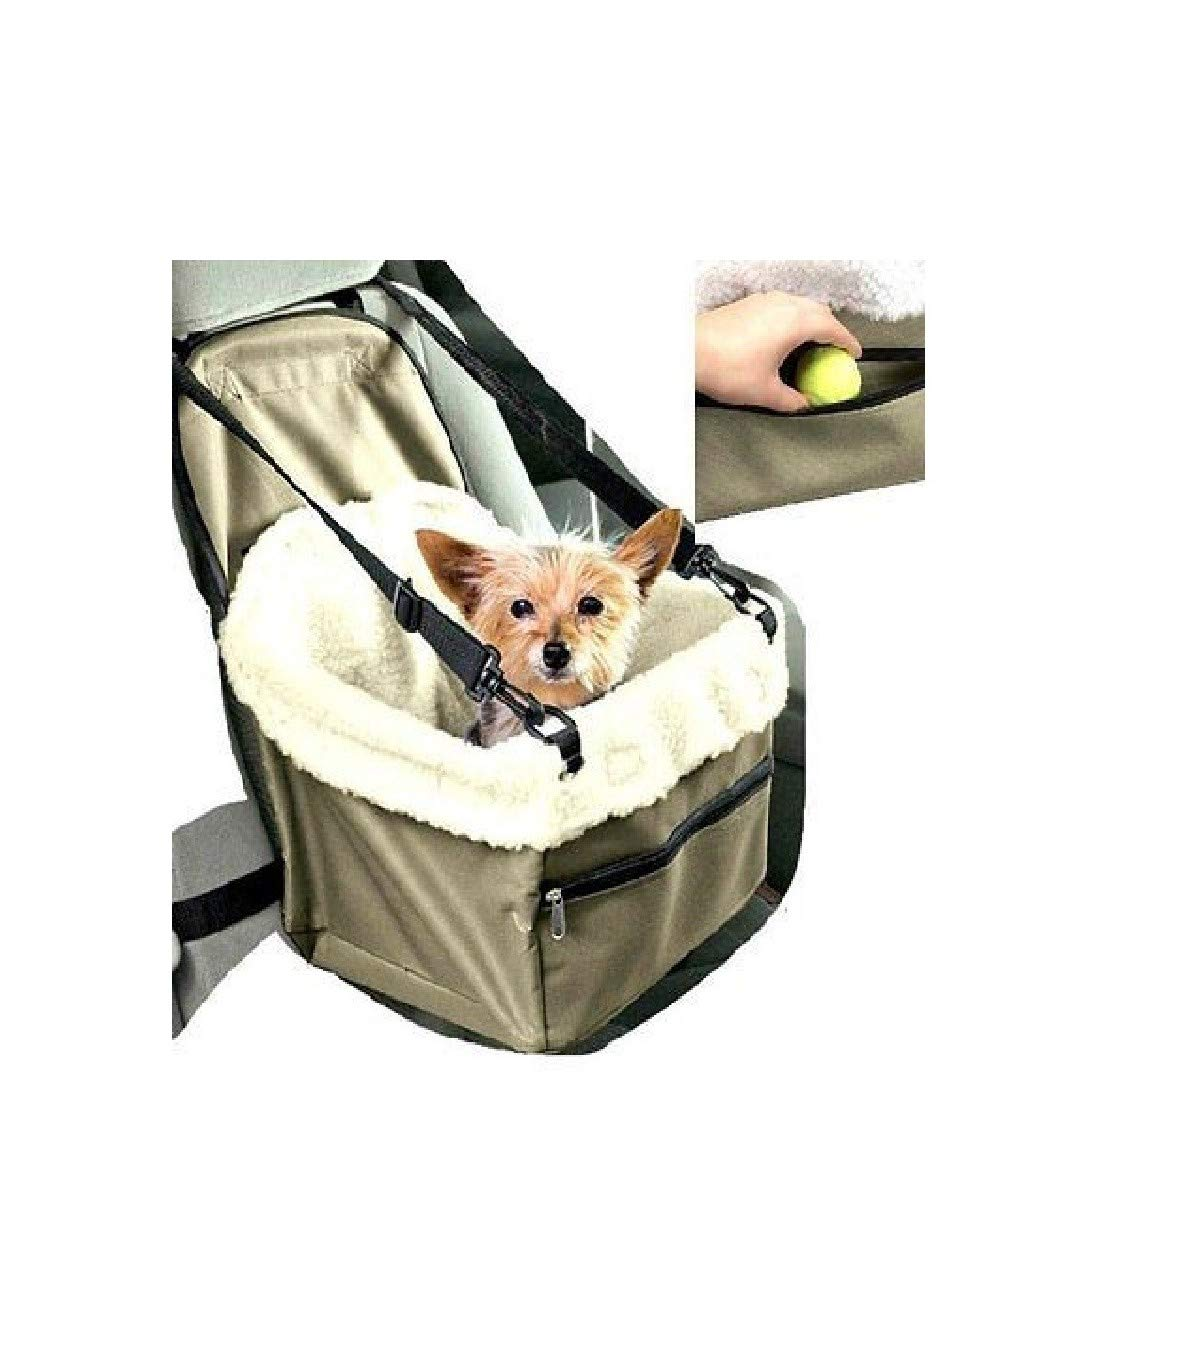 TradeShopTraesio - TRASPORTINO Sedile Cuccia per Auto Porta Cane Cani Gatto Animali Cesto Cintura TrAdE shop Traesio® 2334